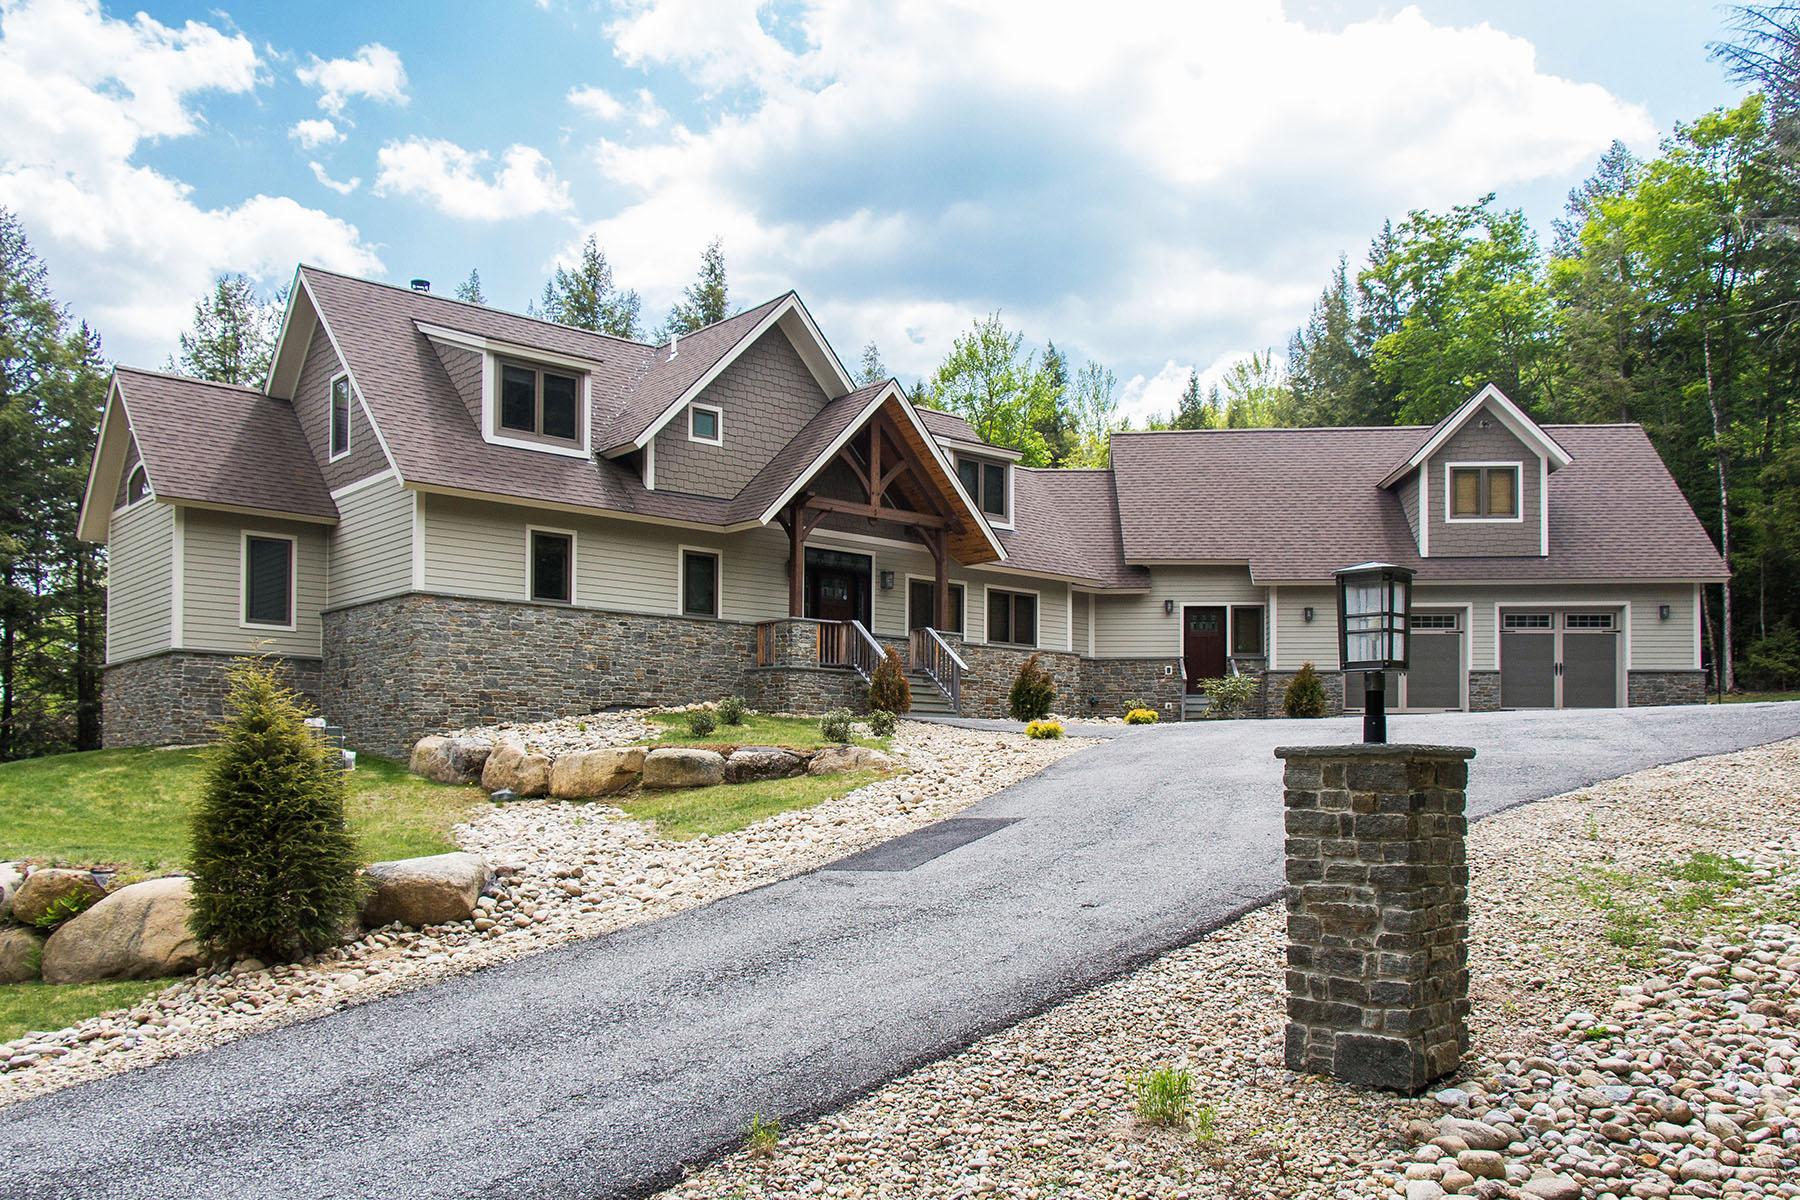 Maison unifamiliale pour l Vente à Luxury Wood Pegged Timber Frame 15 Straight Brook Ln North Creek, New York, 12853 États-Unis